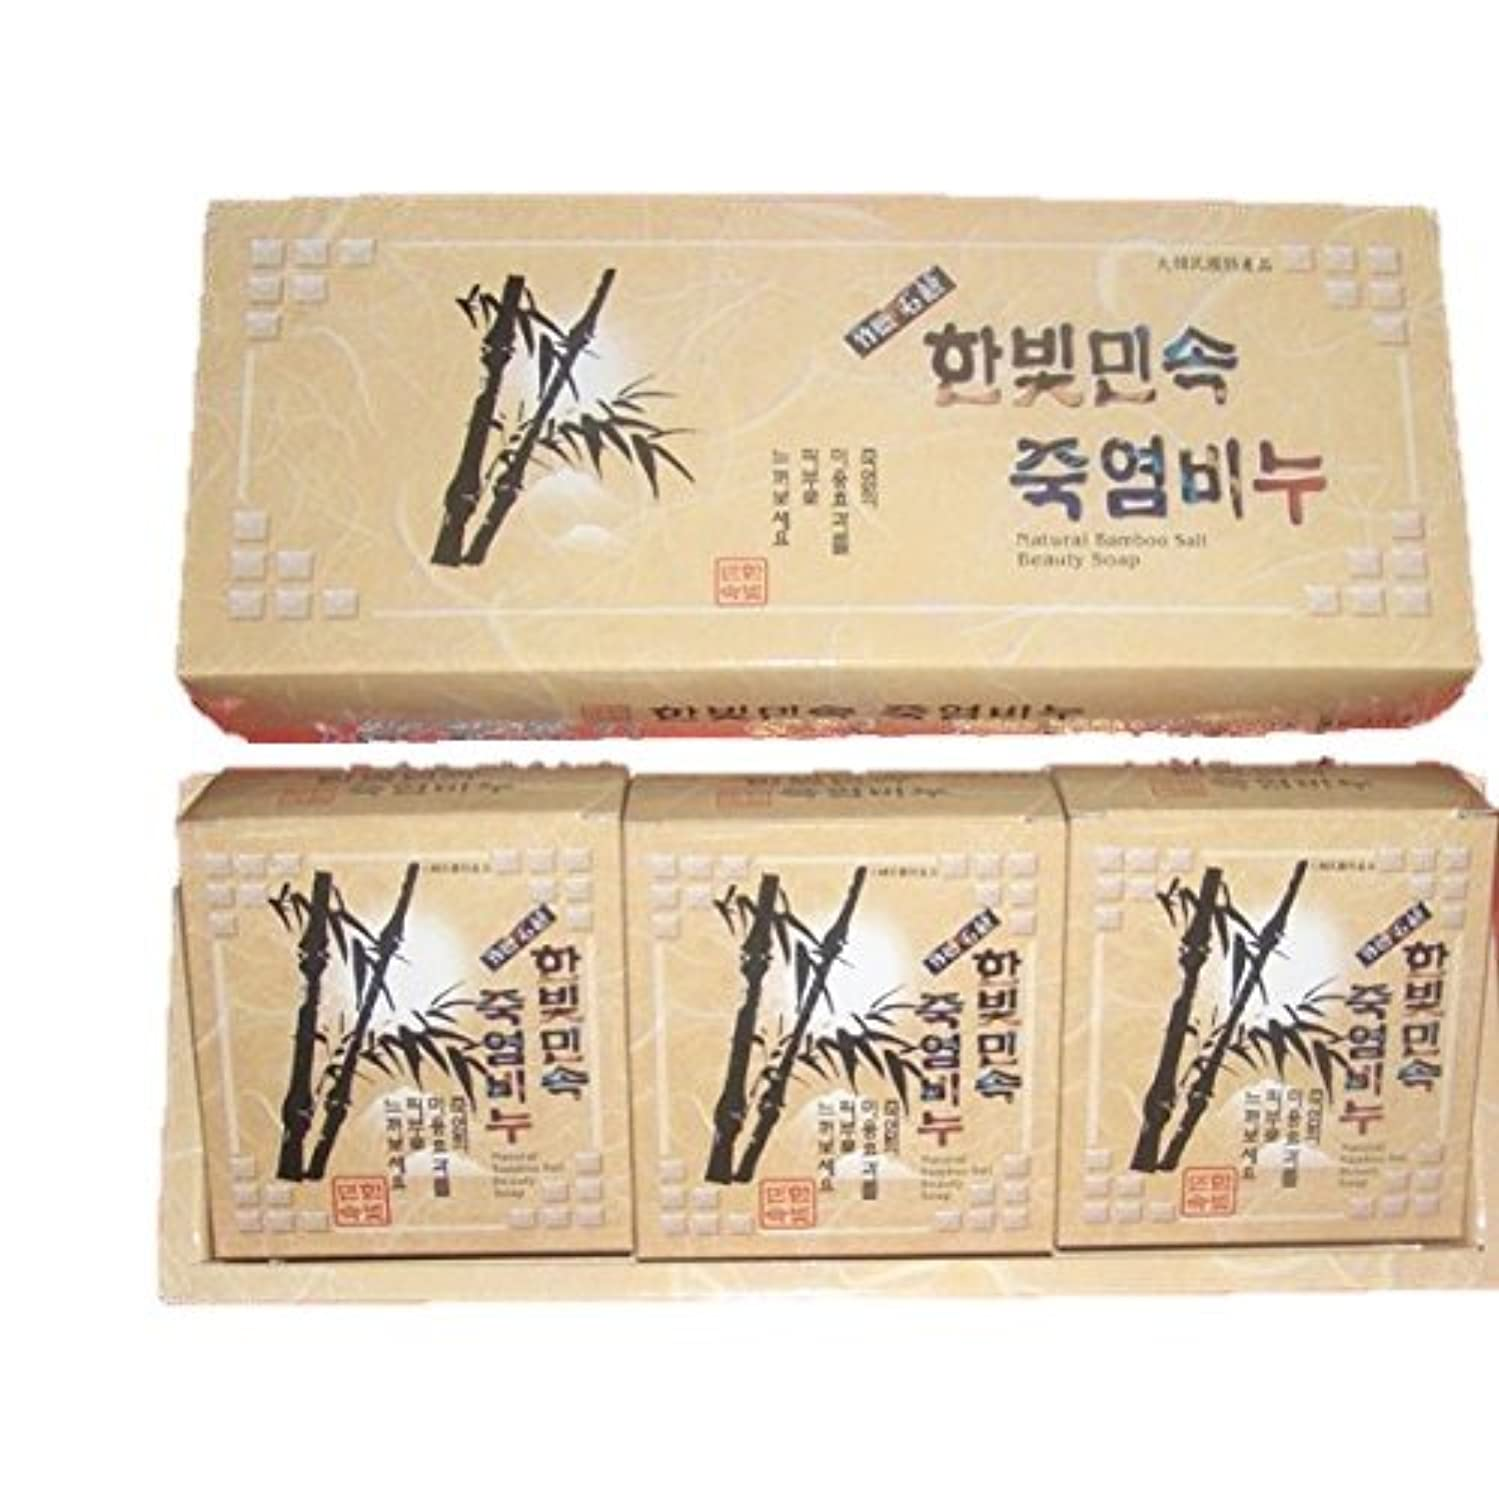 前奏曲幾何学断言する(韓国ブランド) 竹塩石鹸 (3個×3セット)